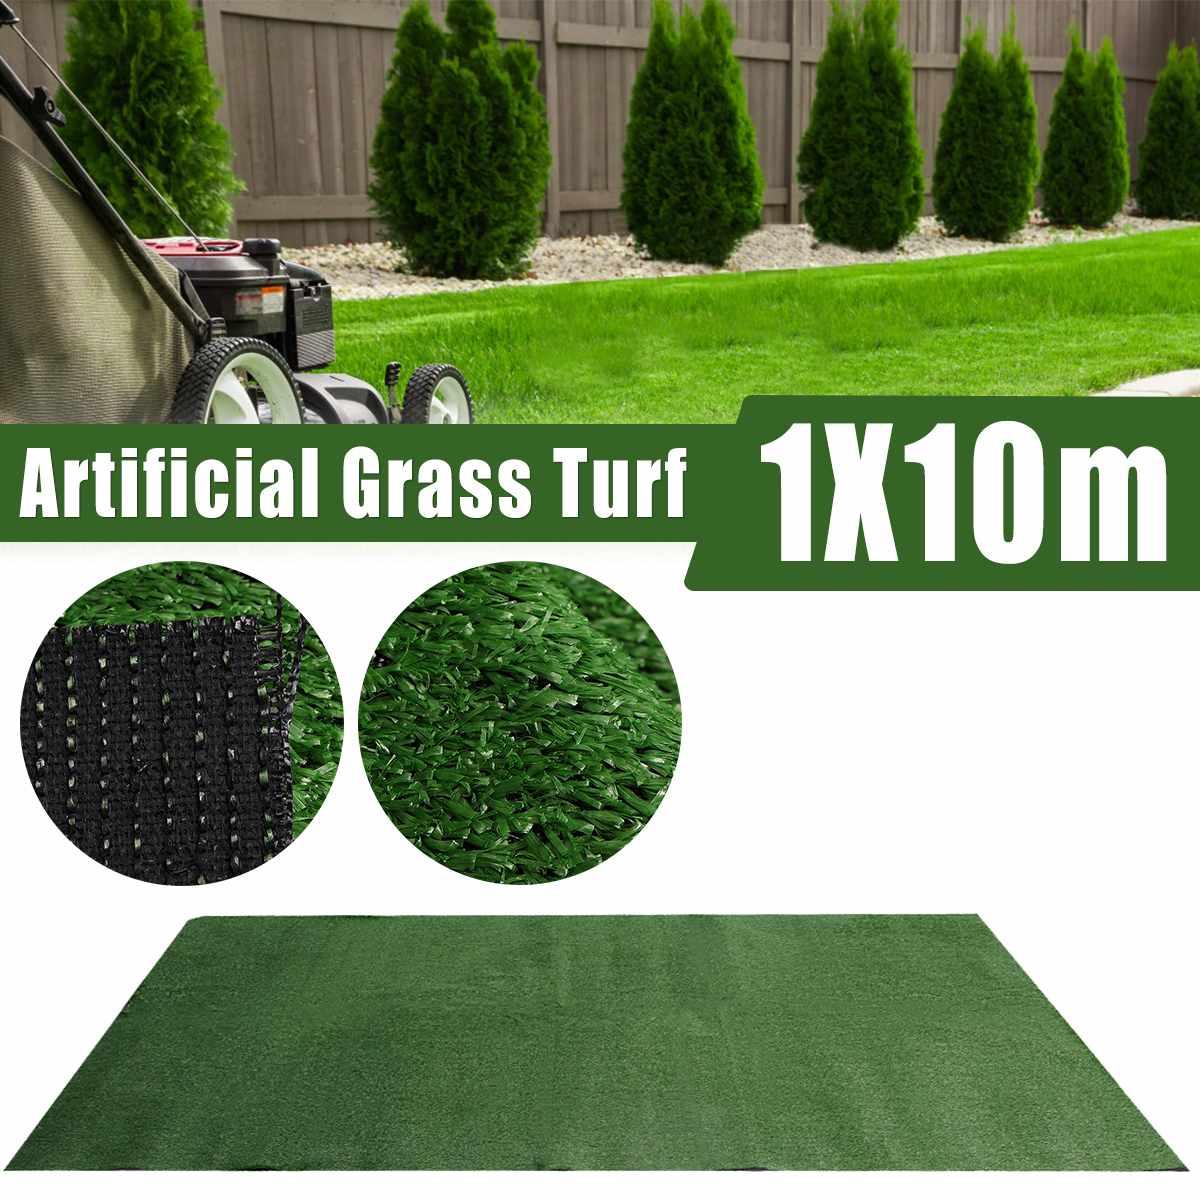 1x10M 인공 합성 슈퍼 조밀 한 가짜 잔디 잔디 플라스틱 녹색 식물 잔디 정원 장식